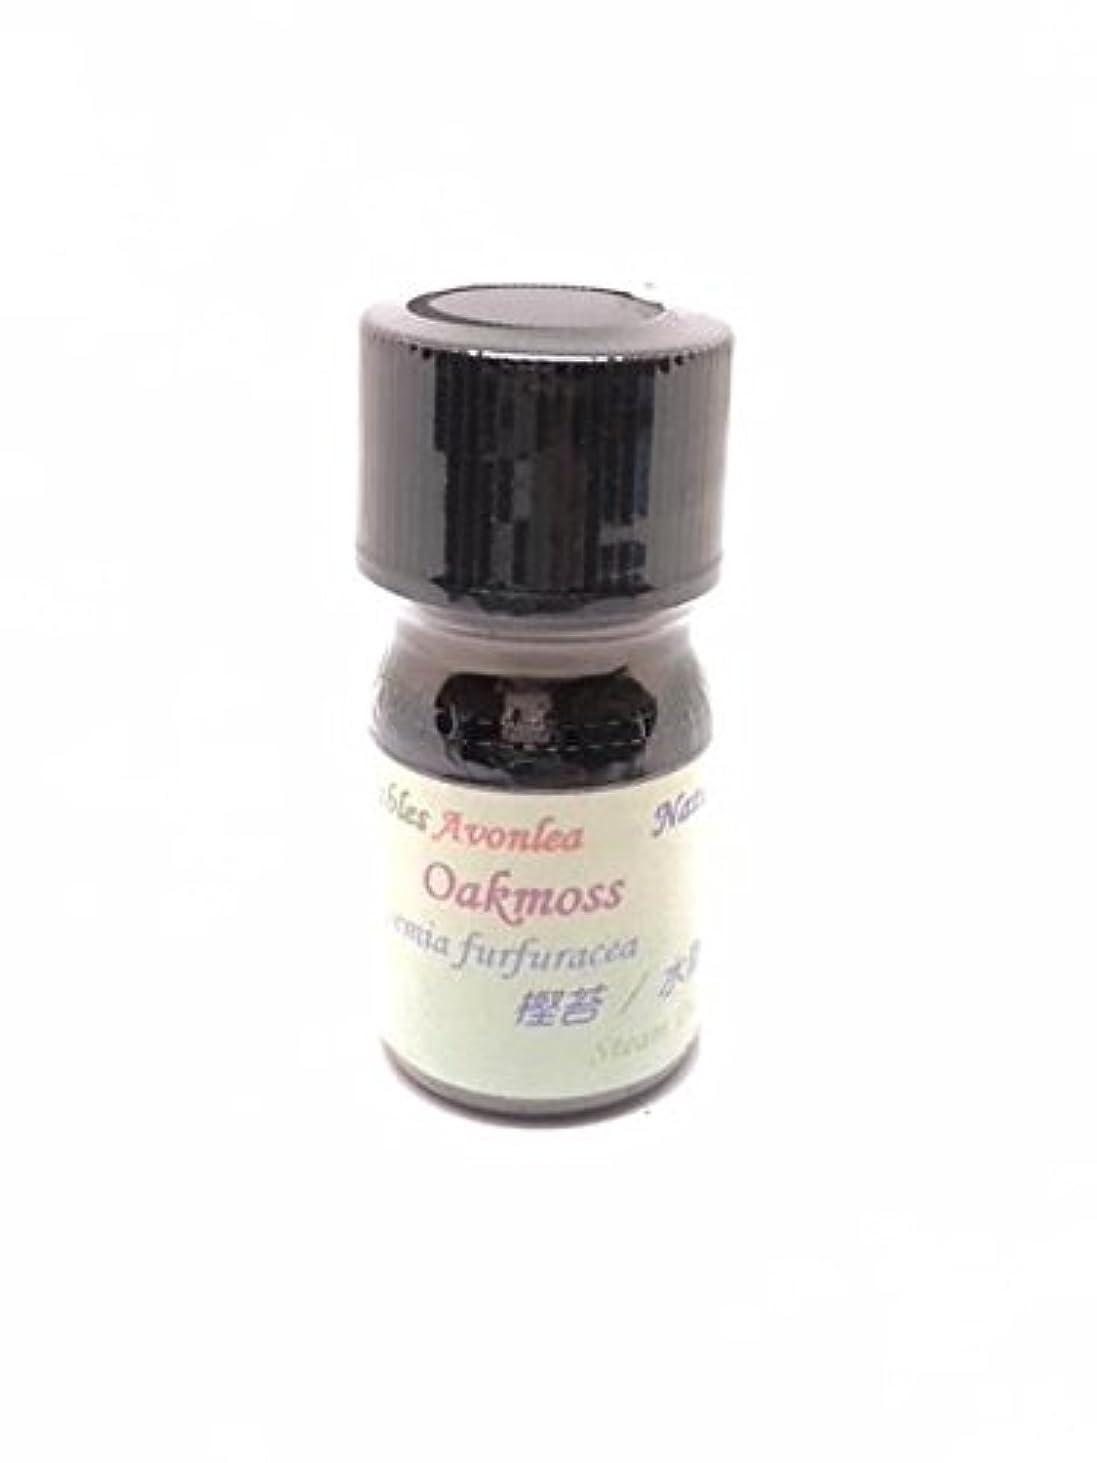 鼓舞する真実有効化オークモス 樫苔 エッセンシャルオイル 高級精油 (5ml)